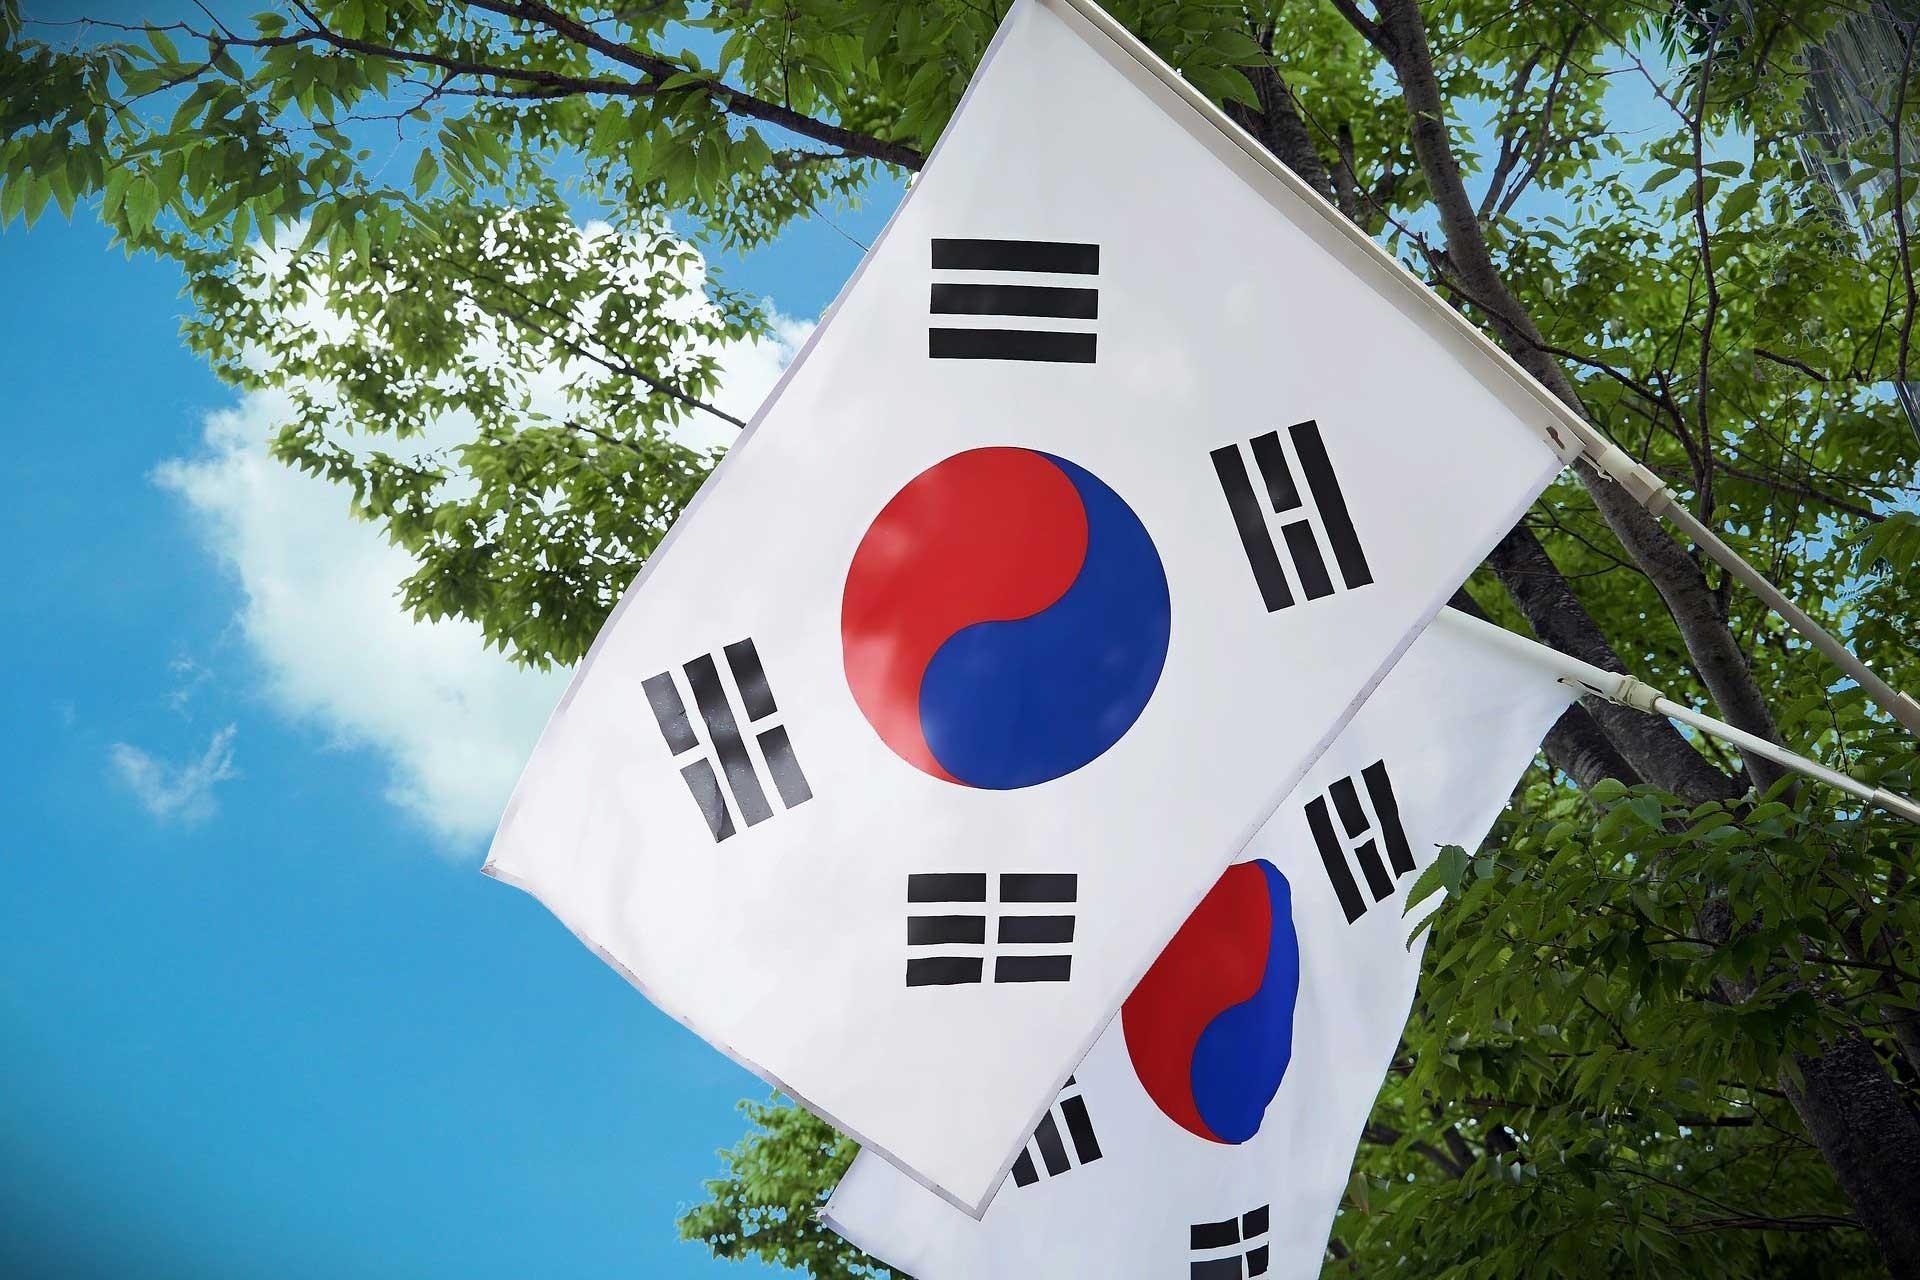 Ağaçla birlikte aynı karede görünen 2 Kore Cumhuriyeti bayrağı.